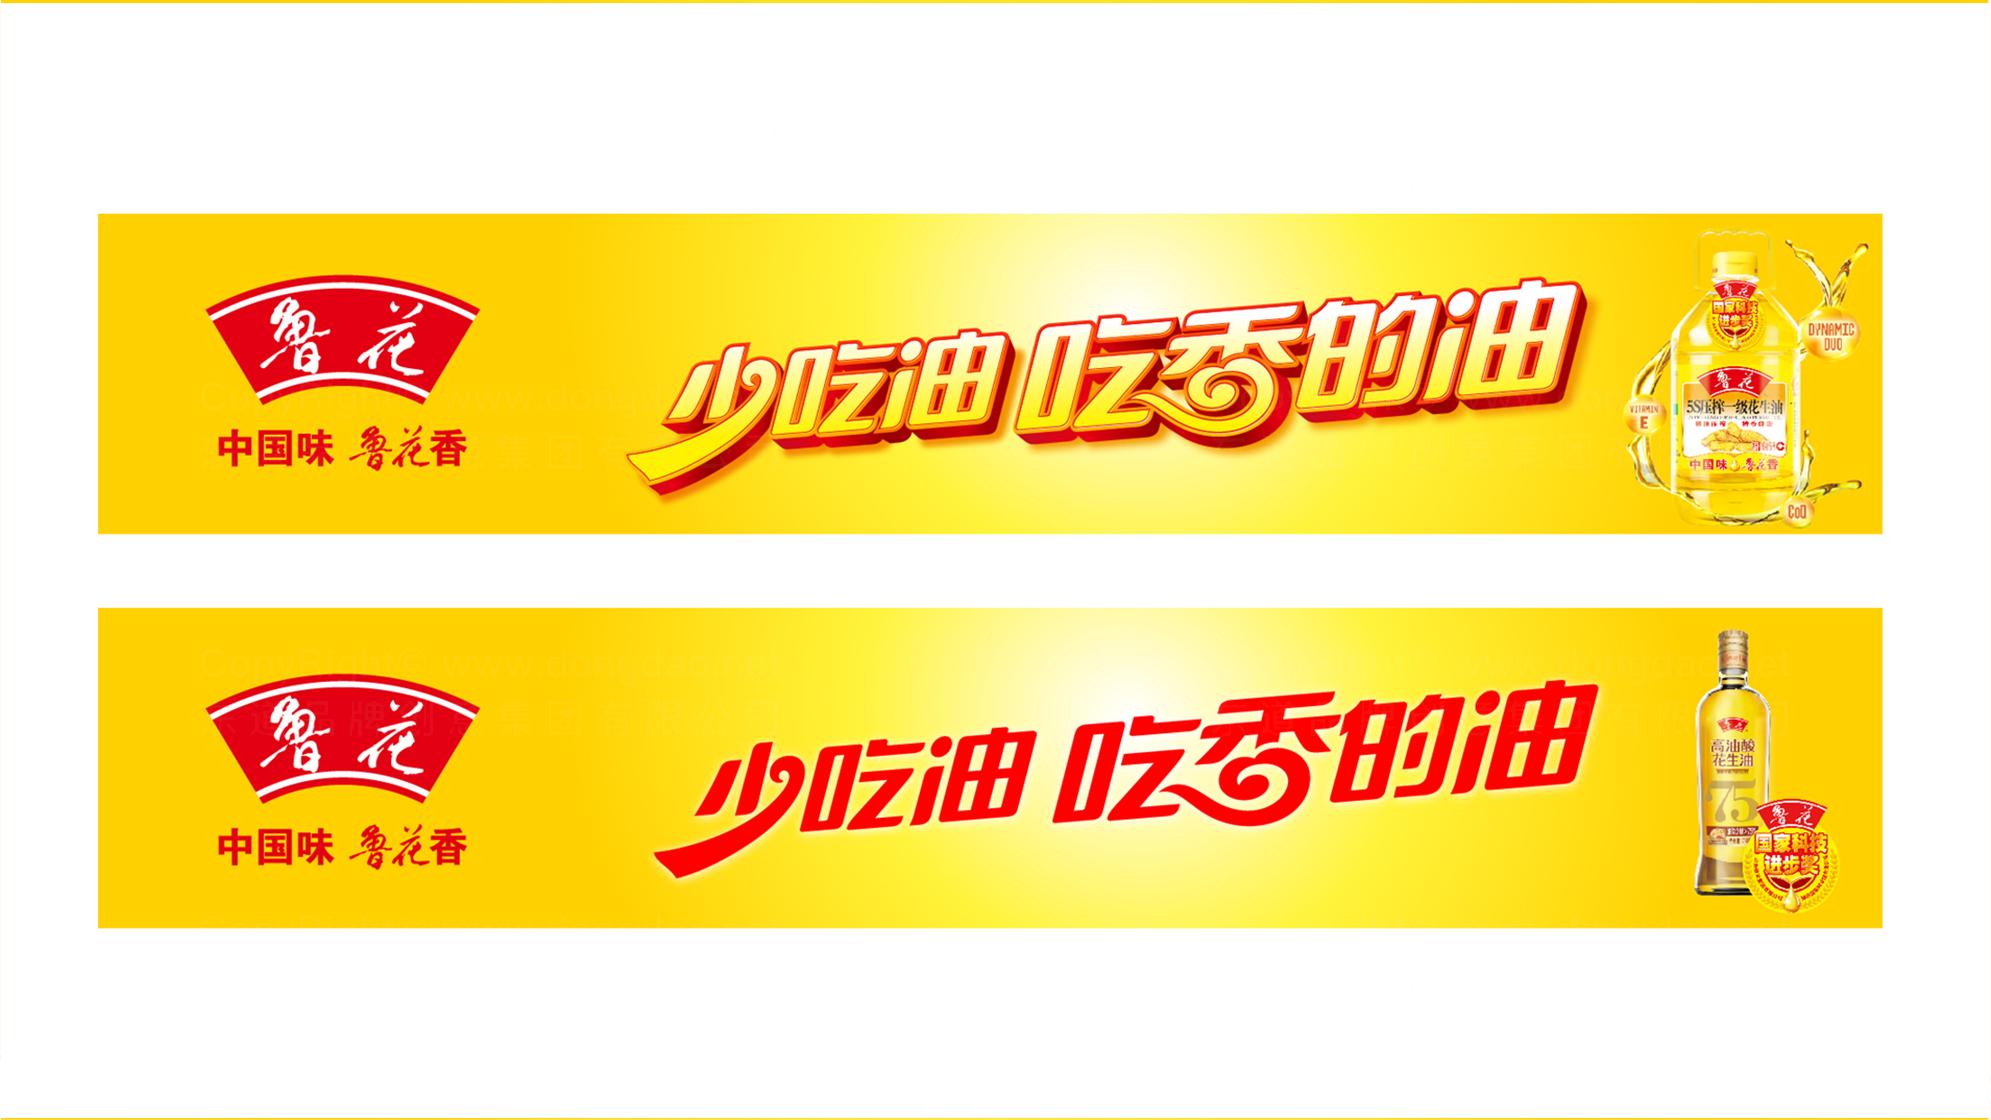 品牌设计鲁花LOGO&VI设计应用场景_2